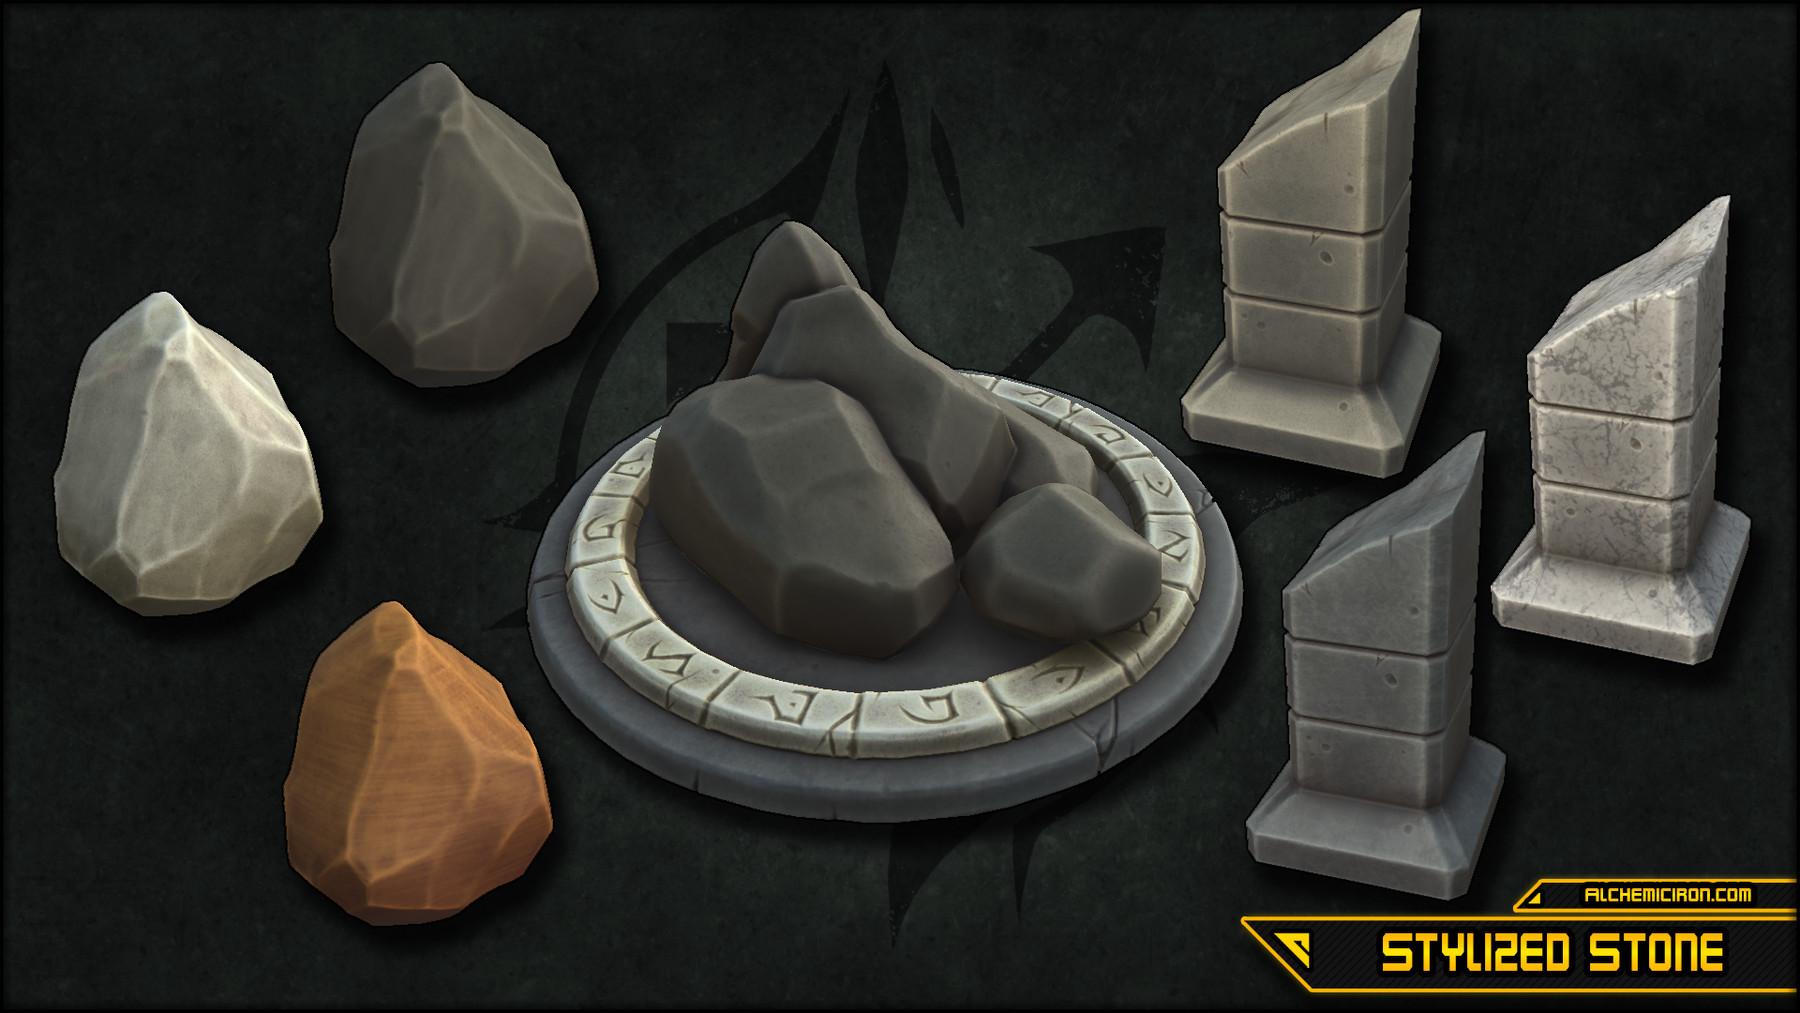 اسمارت متریال سنگ